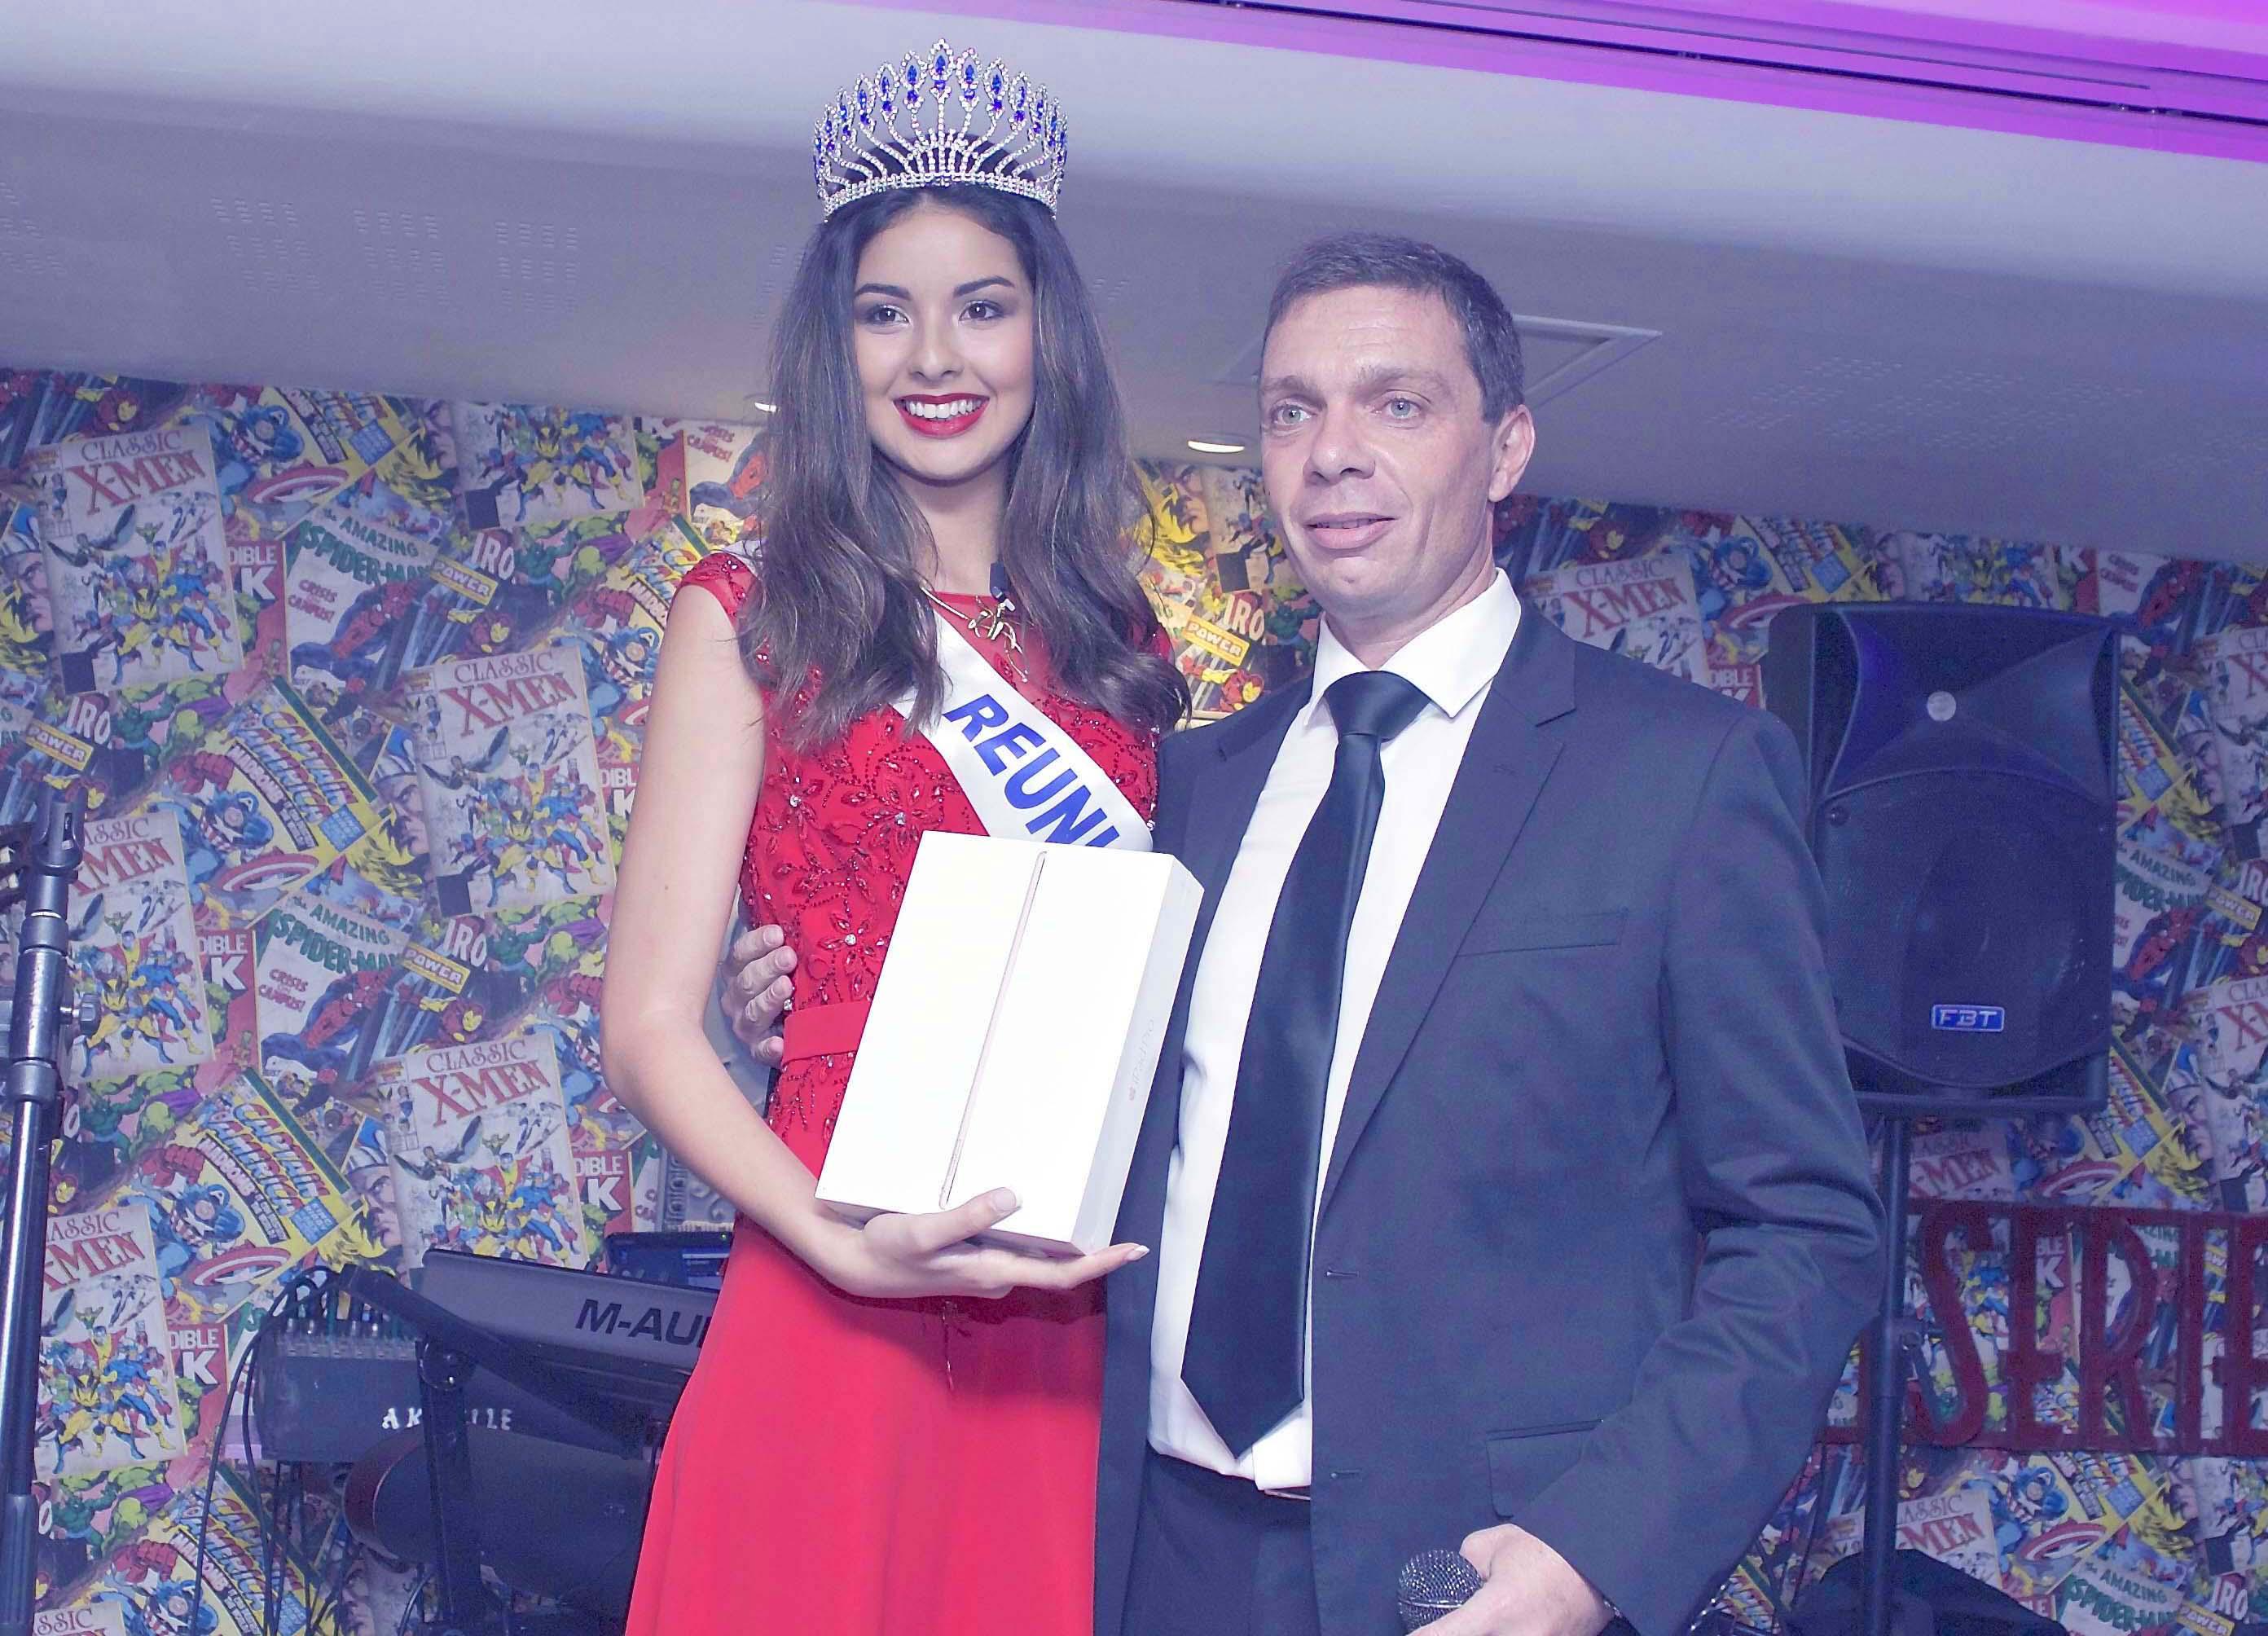 Jean-Charle Ottavi, le président du Casino de Saint-Denis, avait profité de l'occasion pour offrir un beau cadeau à Ambre N'guyen